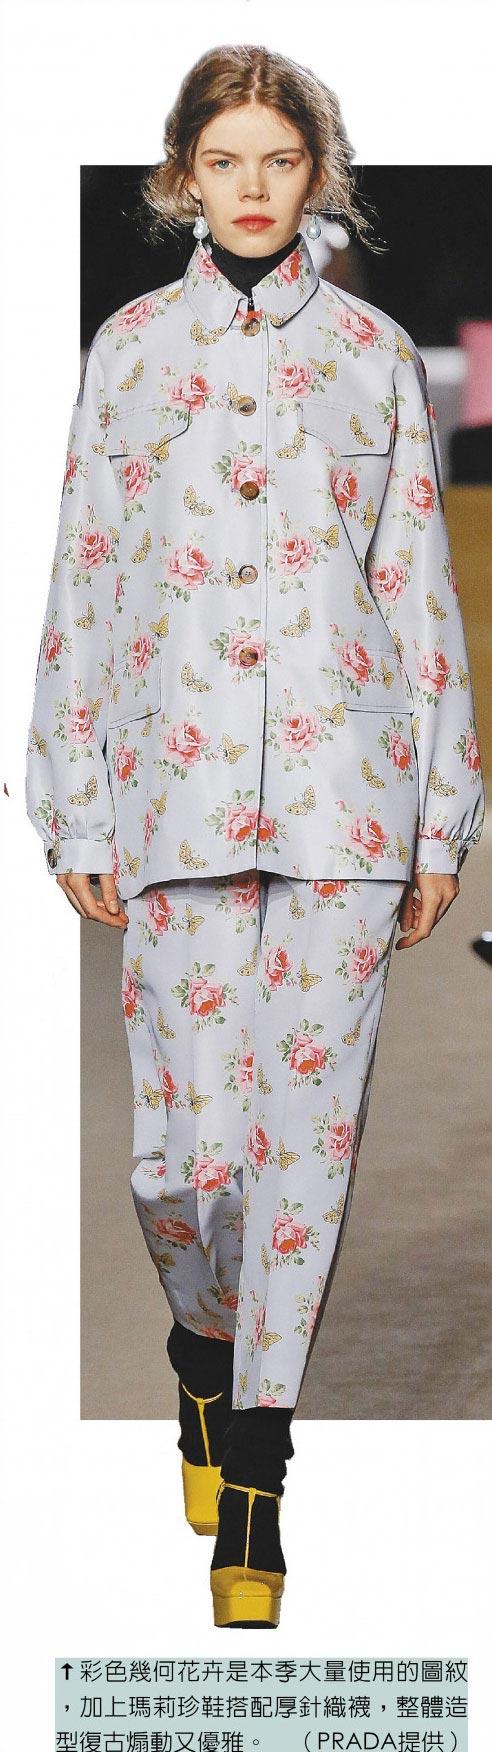 彩色幾何花卉是本季大量使用的圖紋,加上瑪莉珍鞋搭配厚針織襪,整體造型復古煽動又優雅。(PRADA提供)